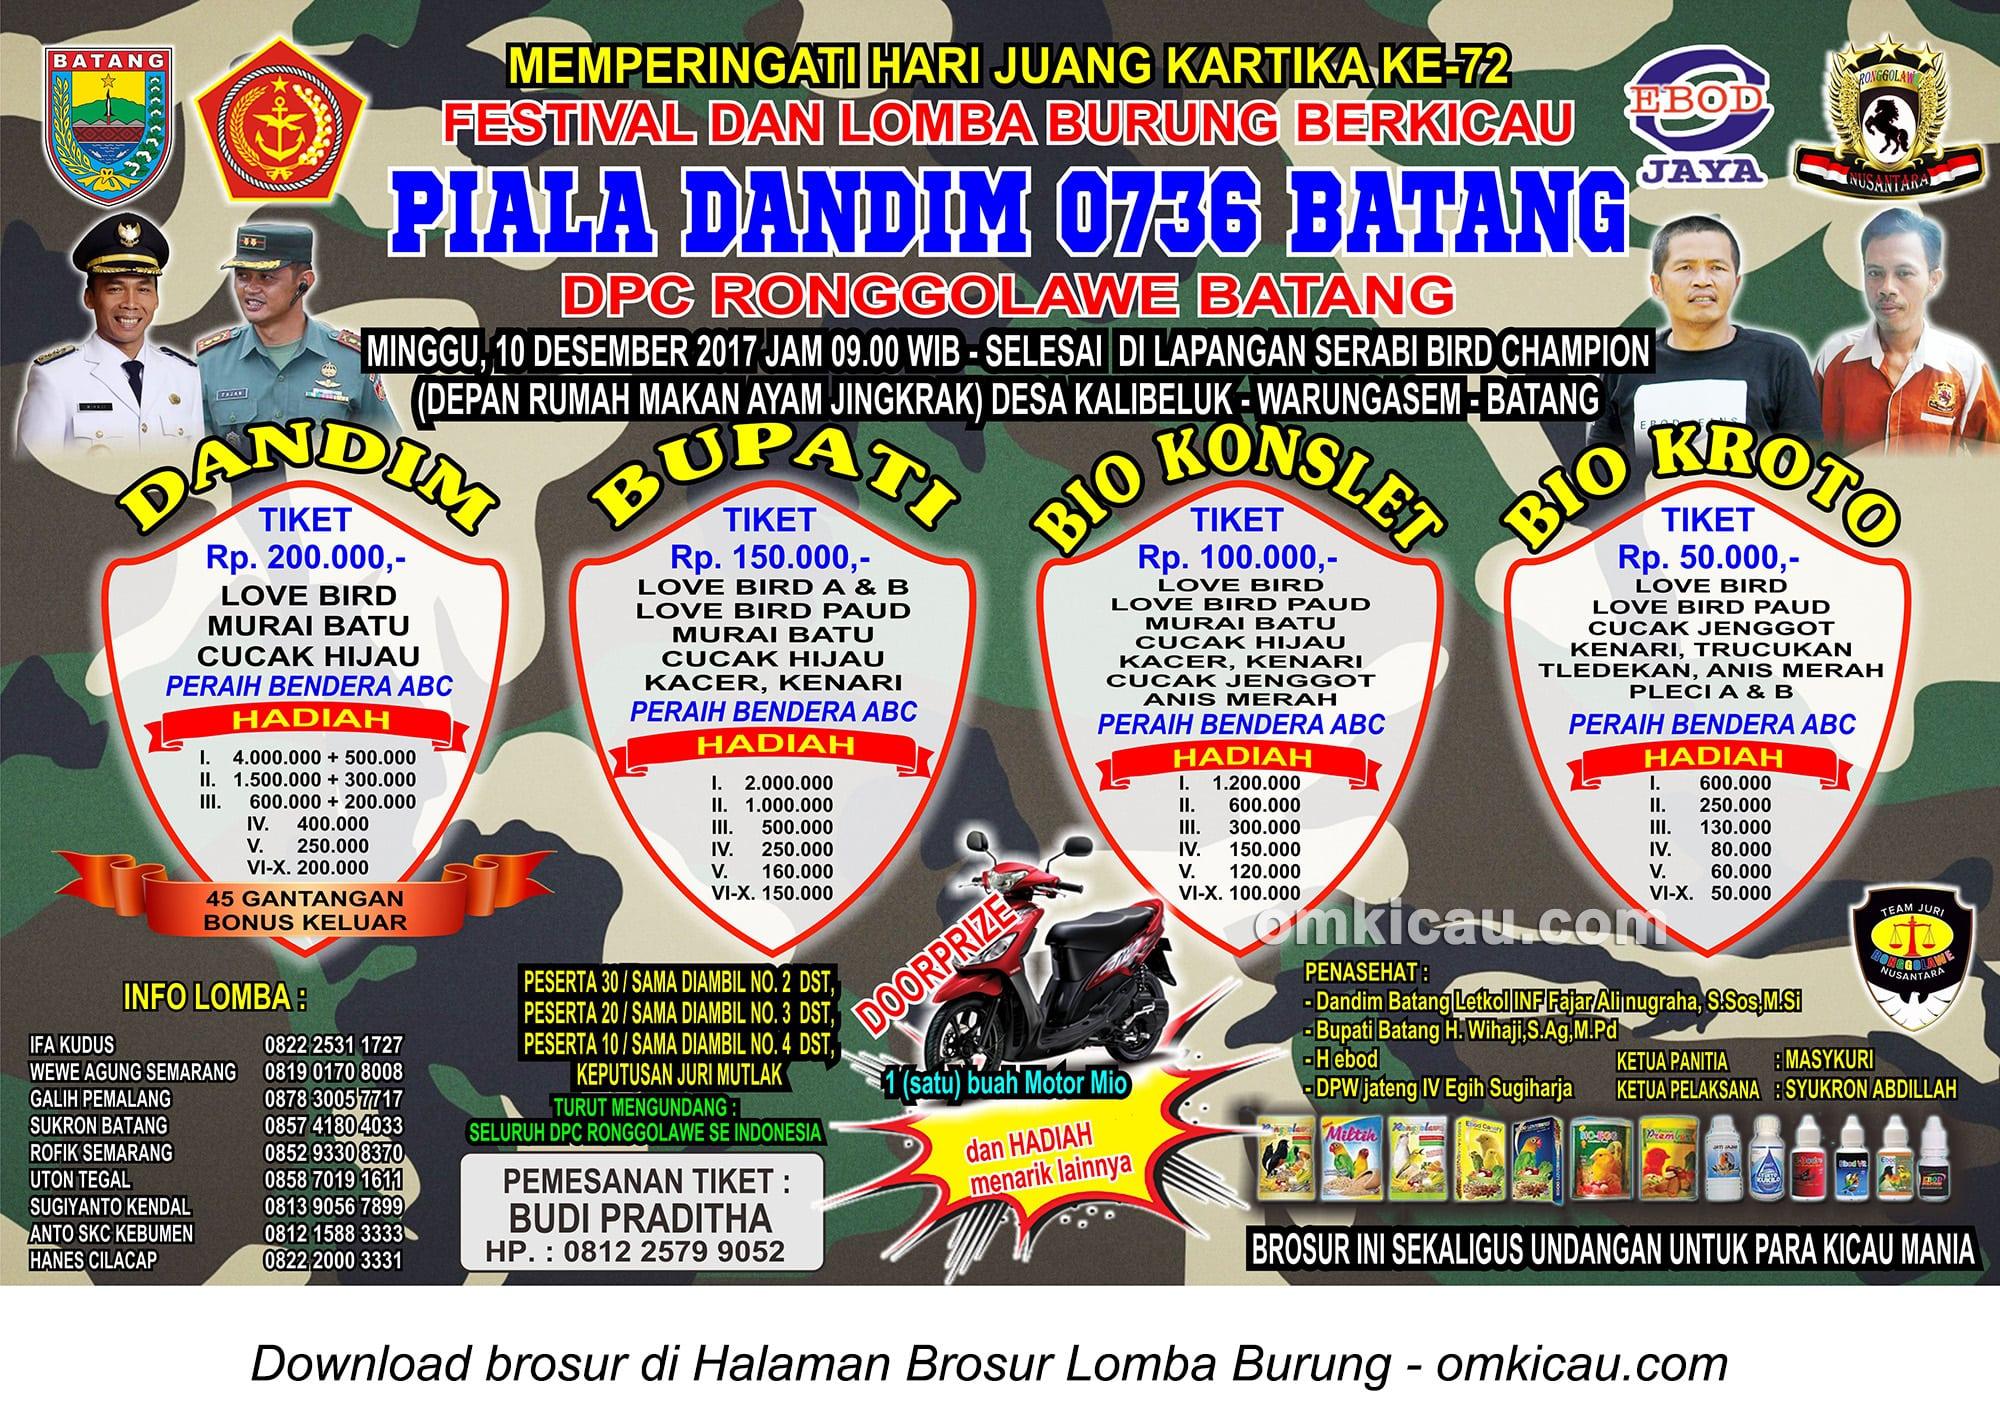 Piala Dandim 0736 / Batang